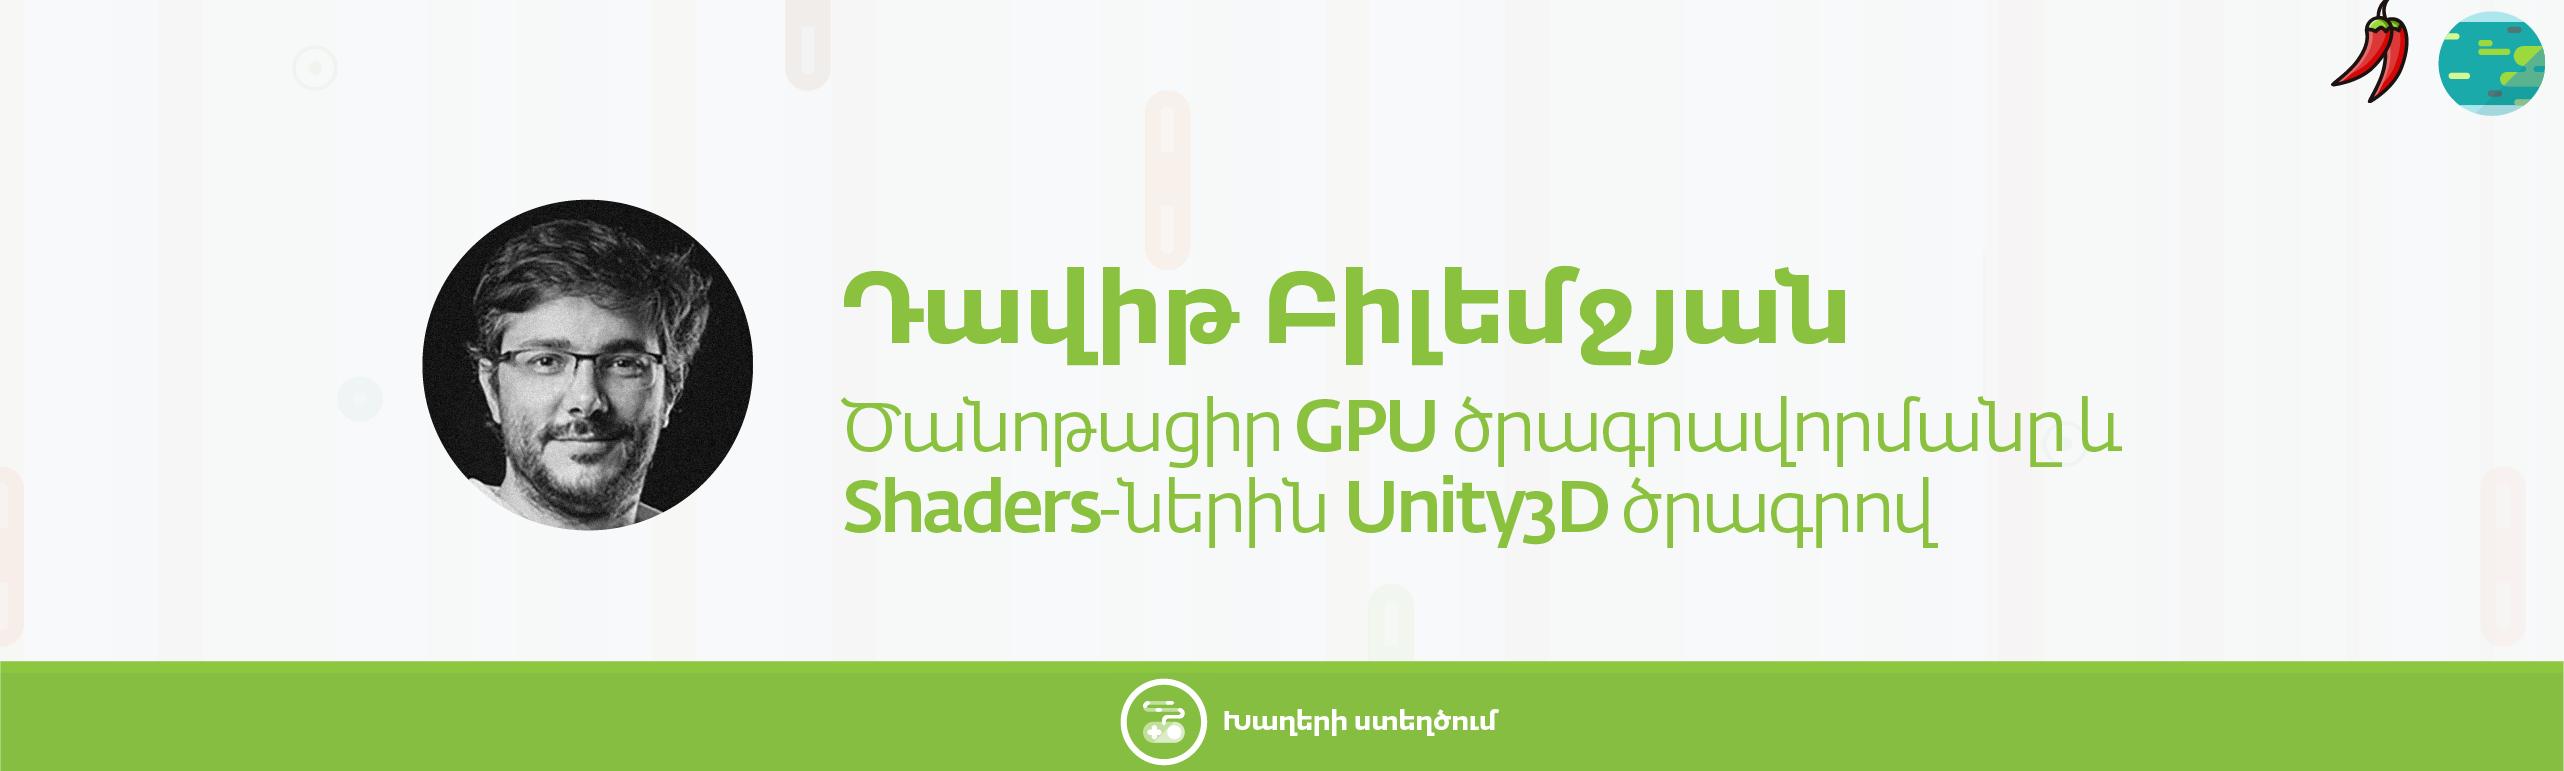 nor laber banner 14 - Ծանոթացիր GPU ծրագրավորմանը և Shaders-ներին Unity3D ծրագրով